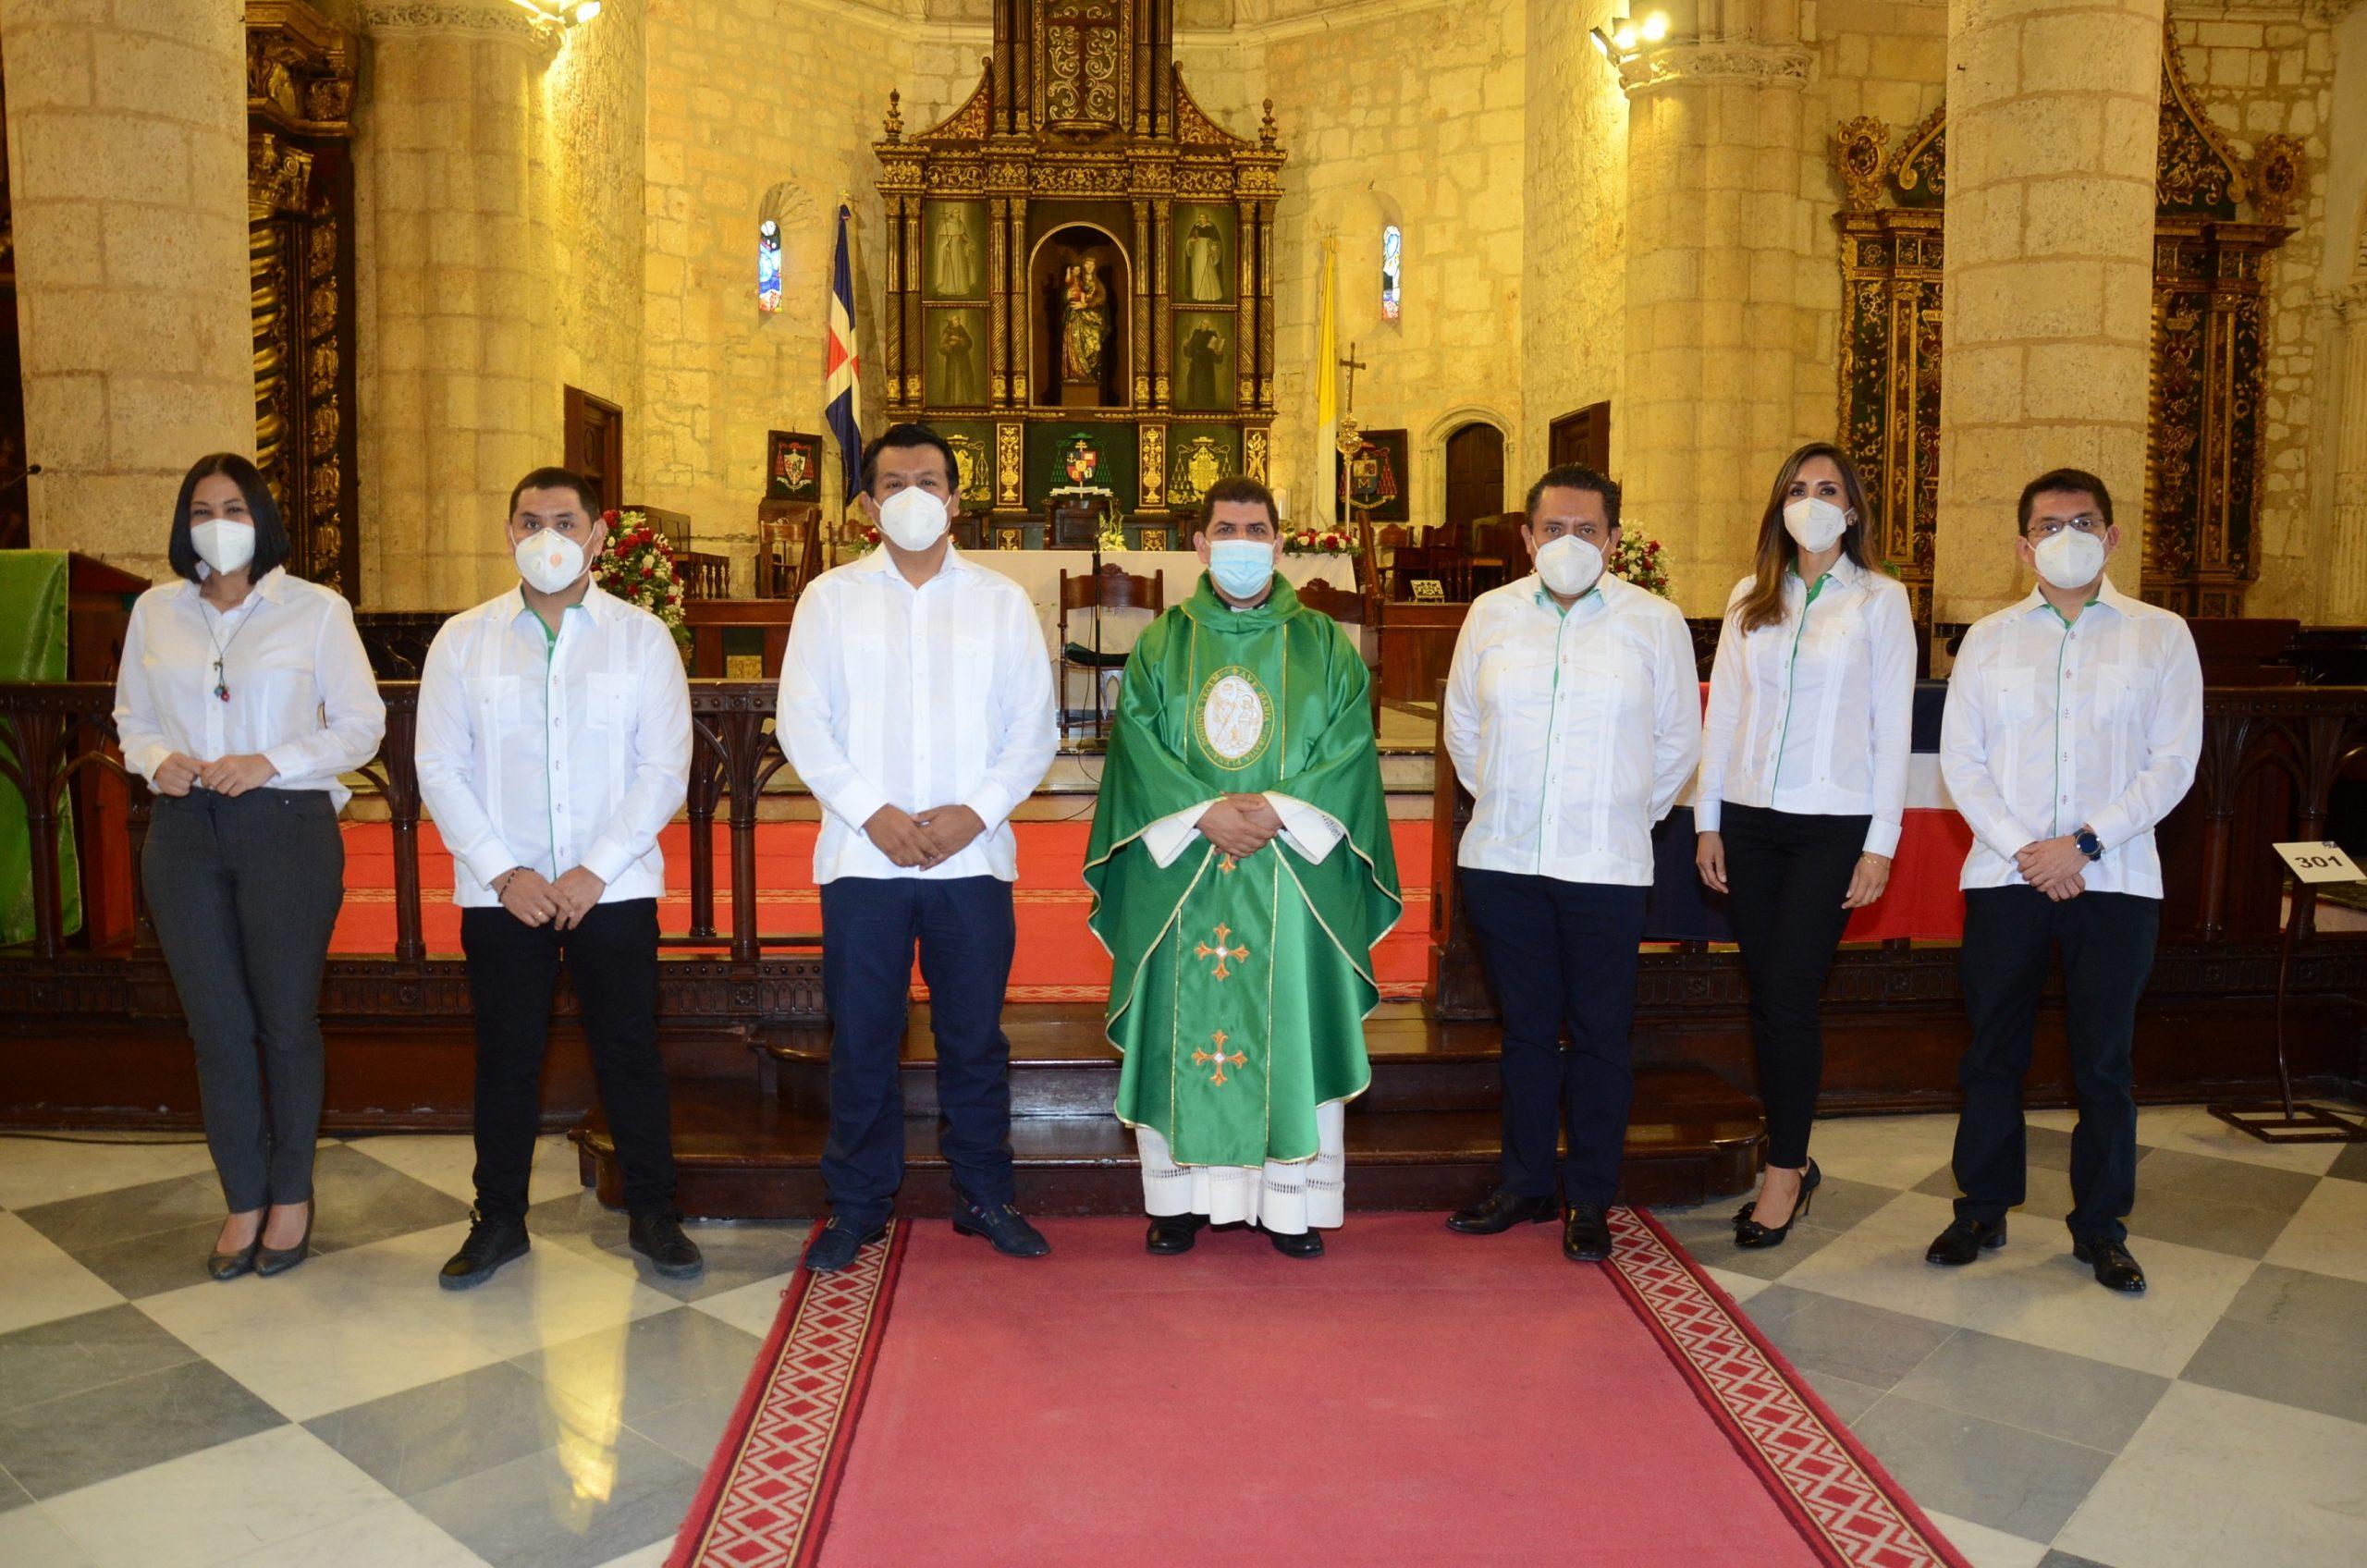 Lizzie González, Mario Medina, Arturo Marroquín, Sacerdote Nelson Clark, Carlos Butrón, Lorena Gutiérrez y Ubaldo Dedios